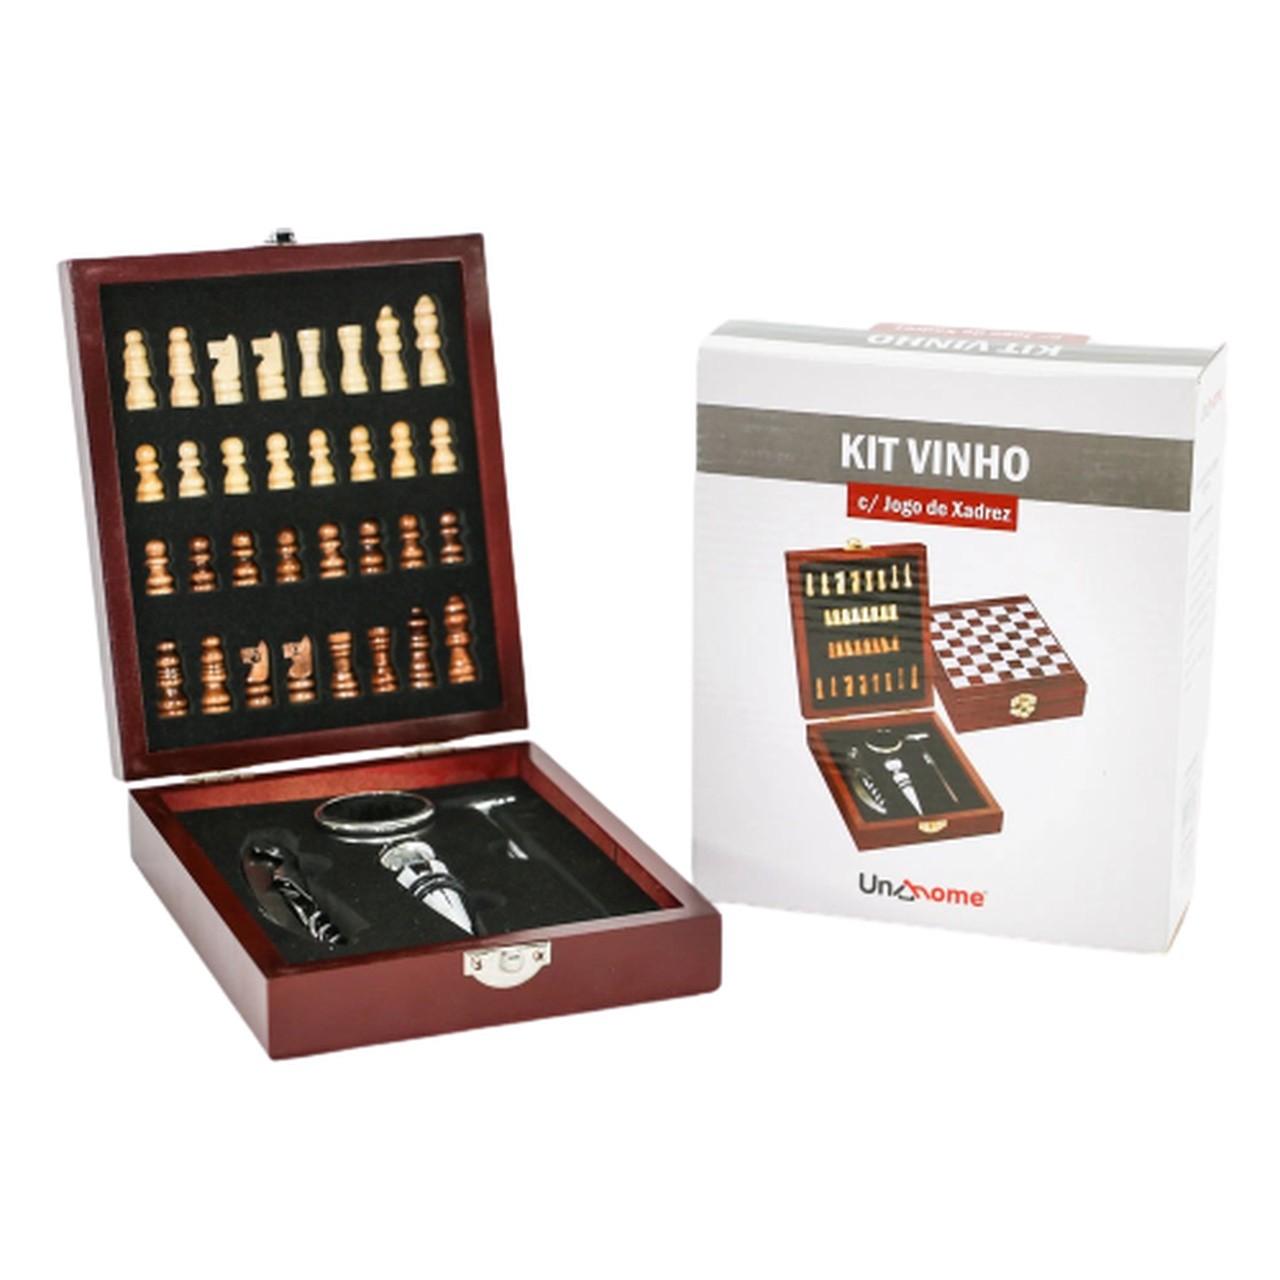 Kit Acessórios para Vinho 5 Peças com Jogo de Xadrez